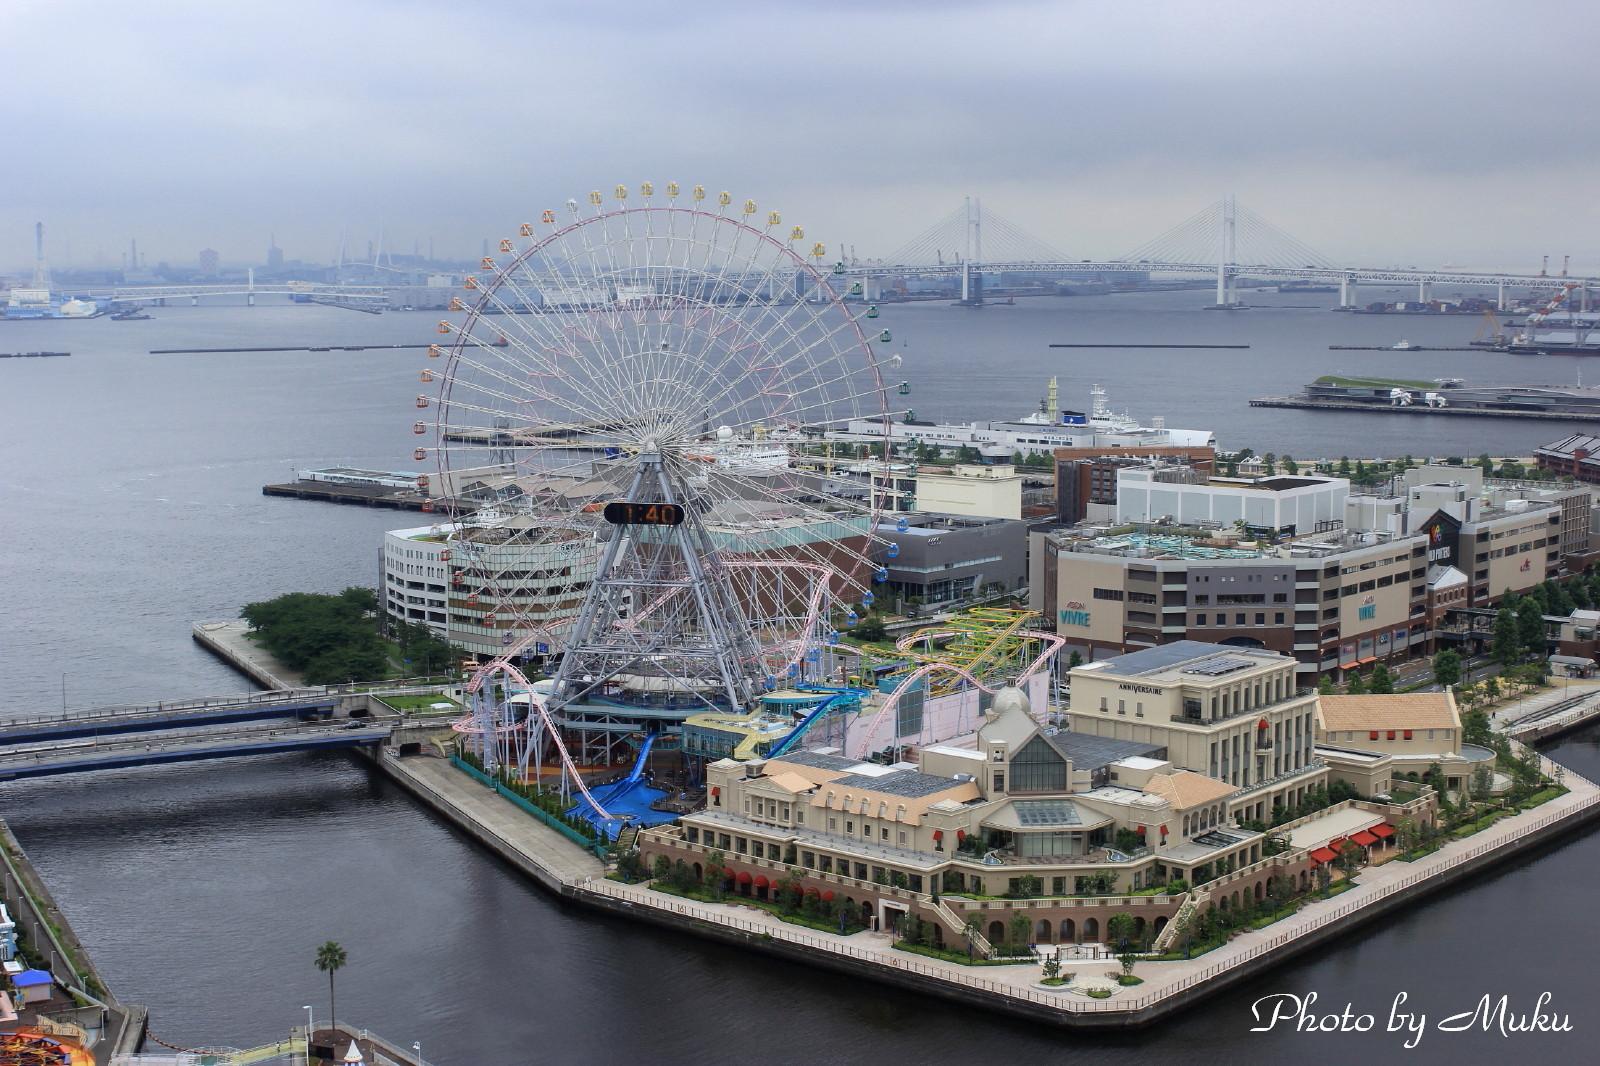 2014/07/04 みなとみらい21 (神奈川県横浜市)